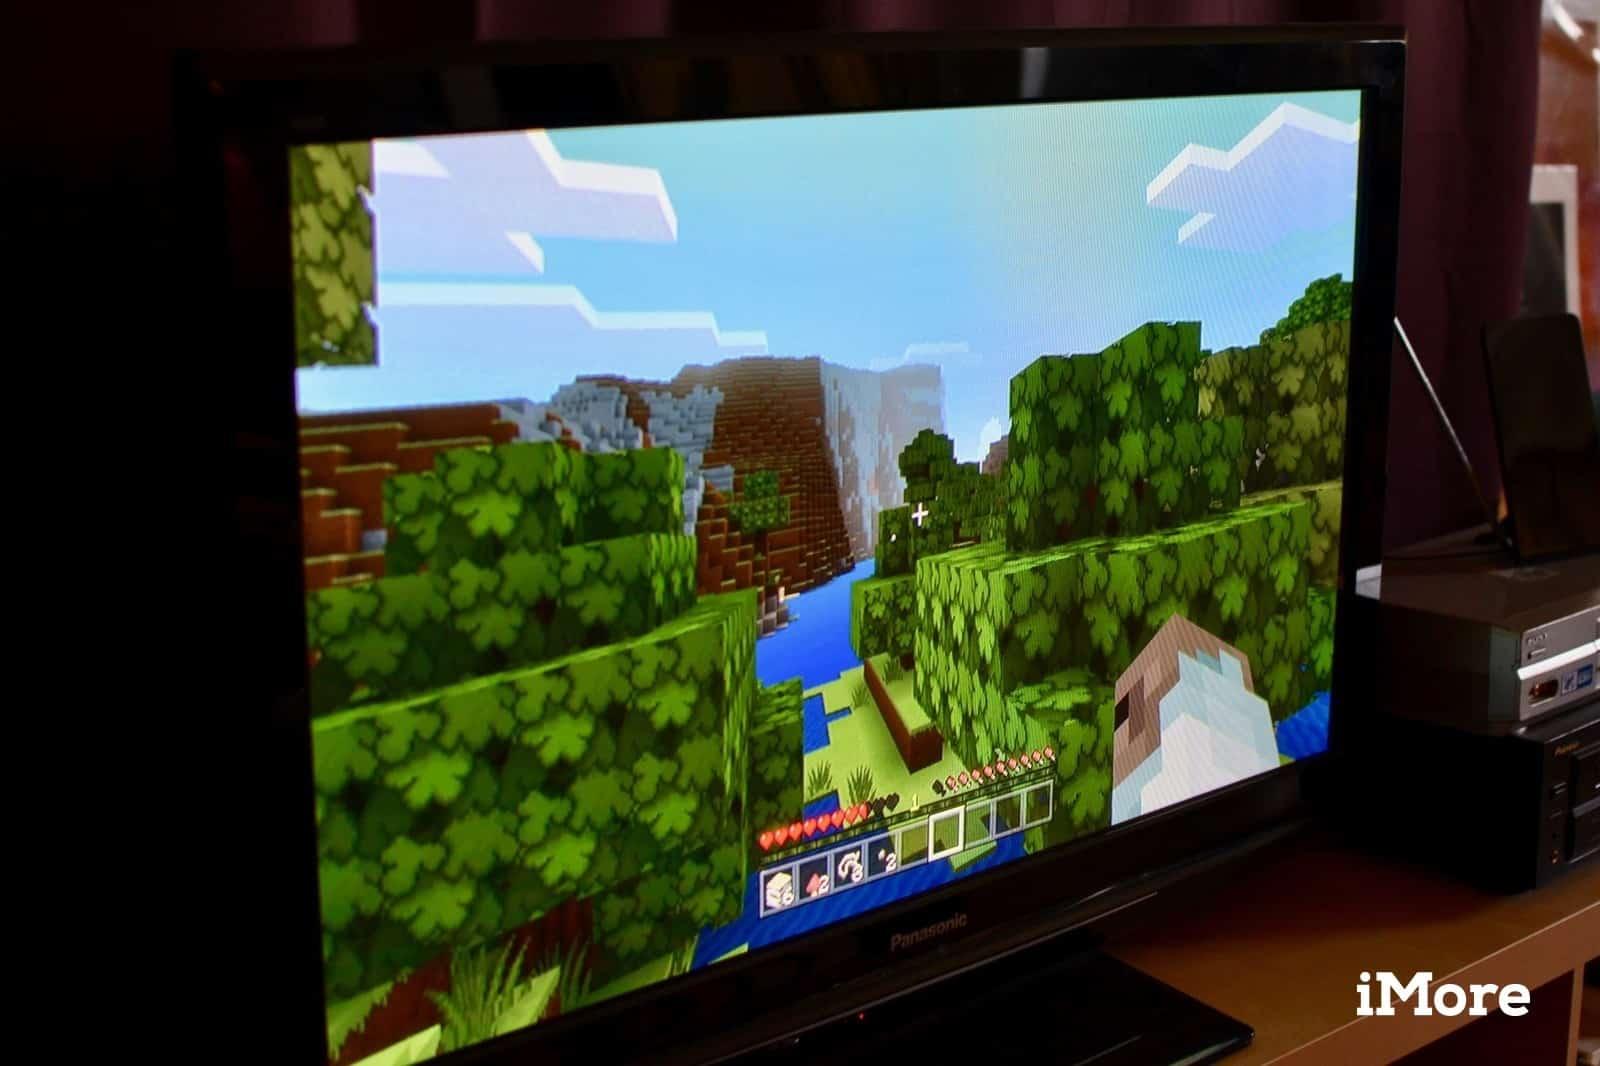 Comment Télécharger Le Jeu Minecraft ? - Mediacritik tout Site Pour Telecharger Des Jeux Pc Complet Gratuit